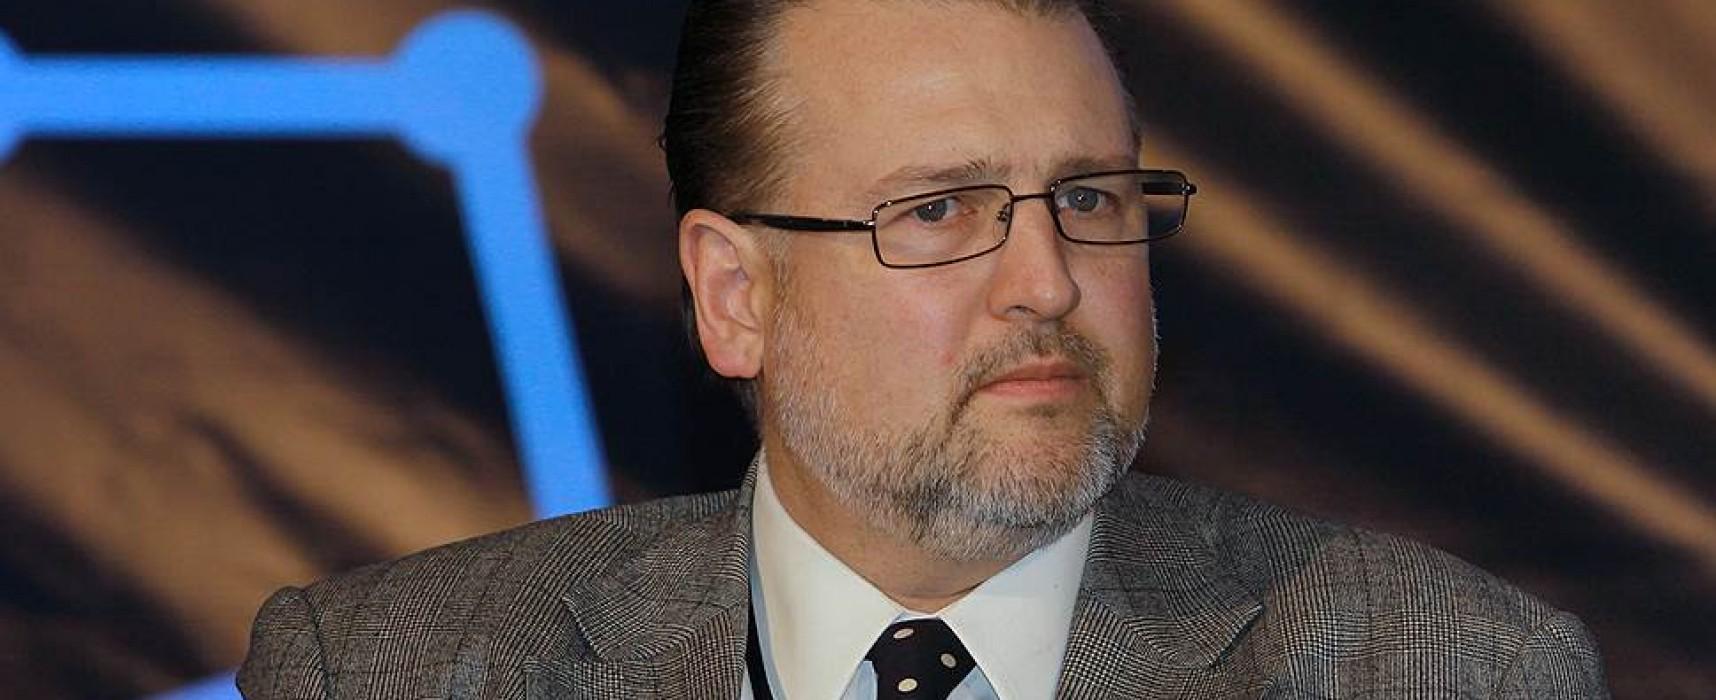 Нижегородский университет уволил американского сотрудника после телесюжета